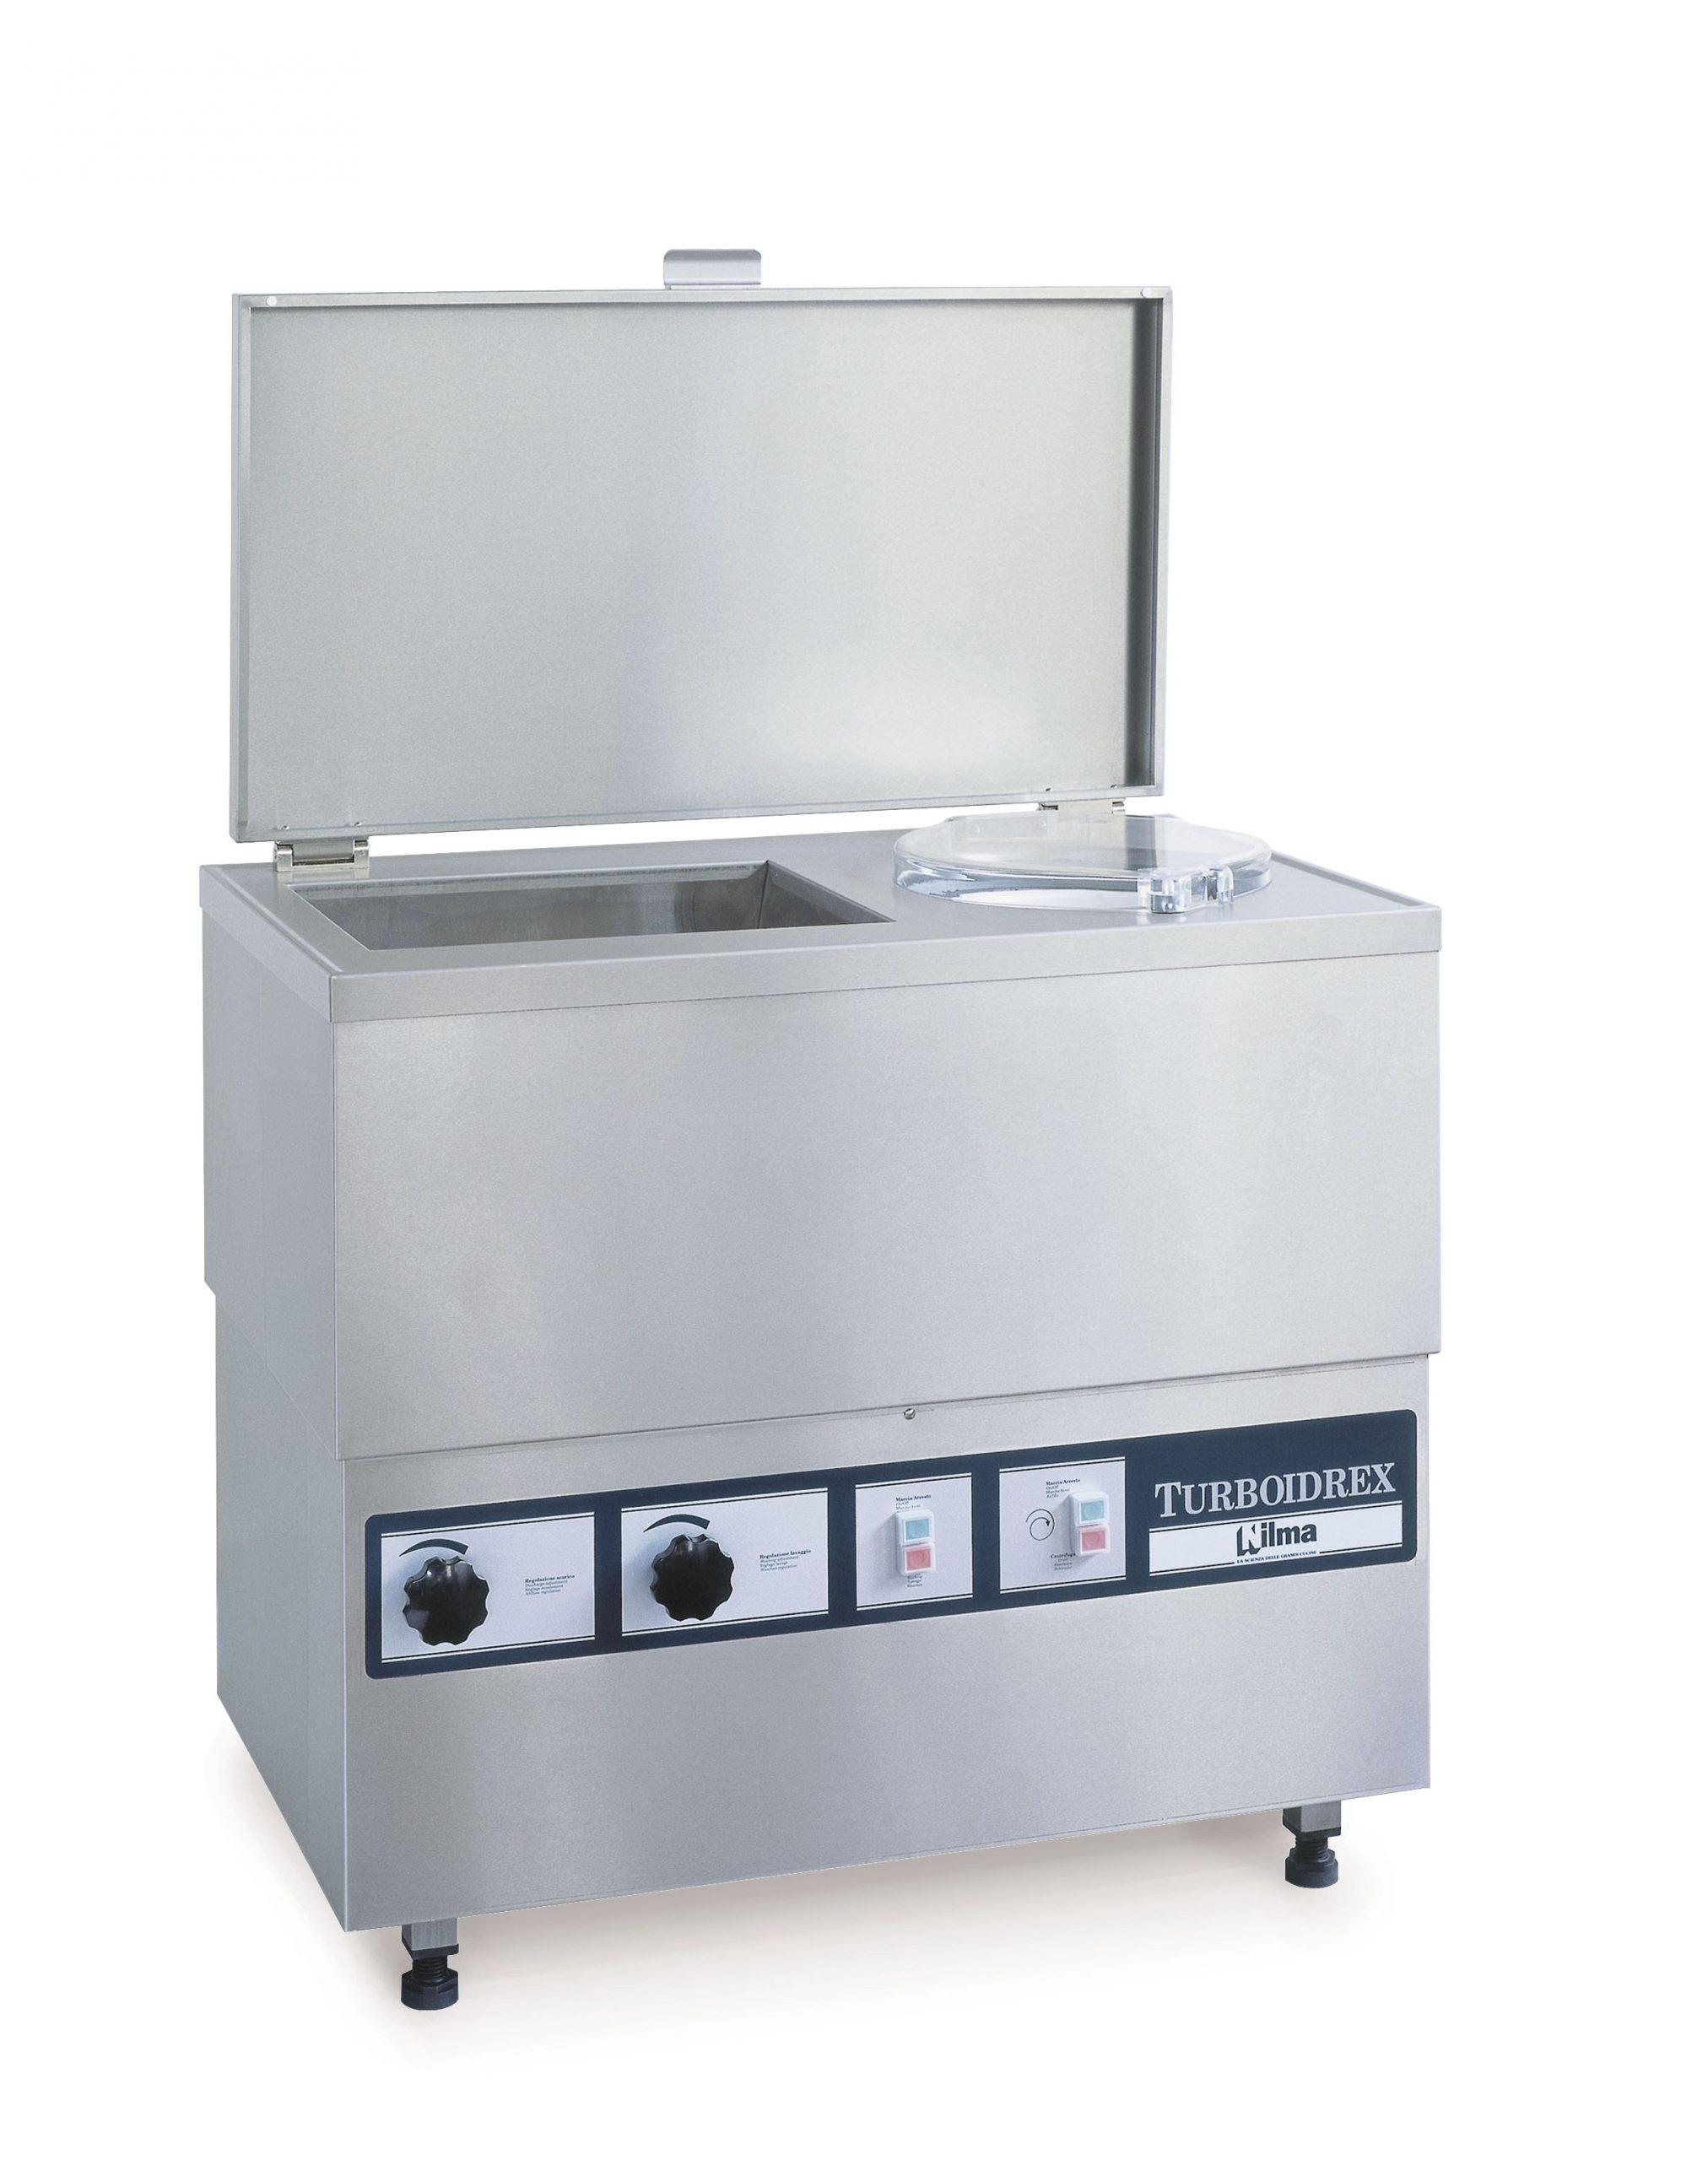 TURBOIDREX - Автоматическая моечная машина для овощей с отжимом